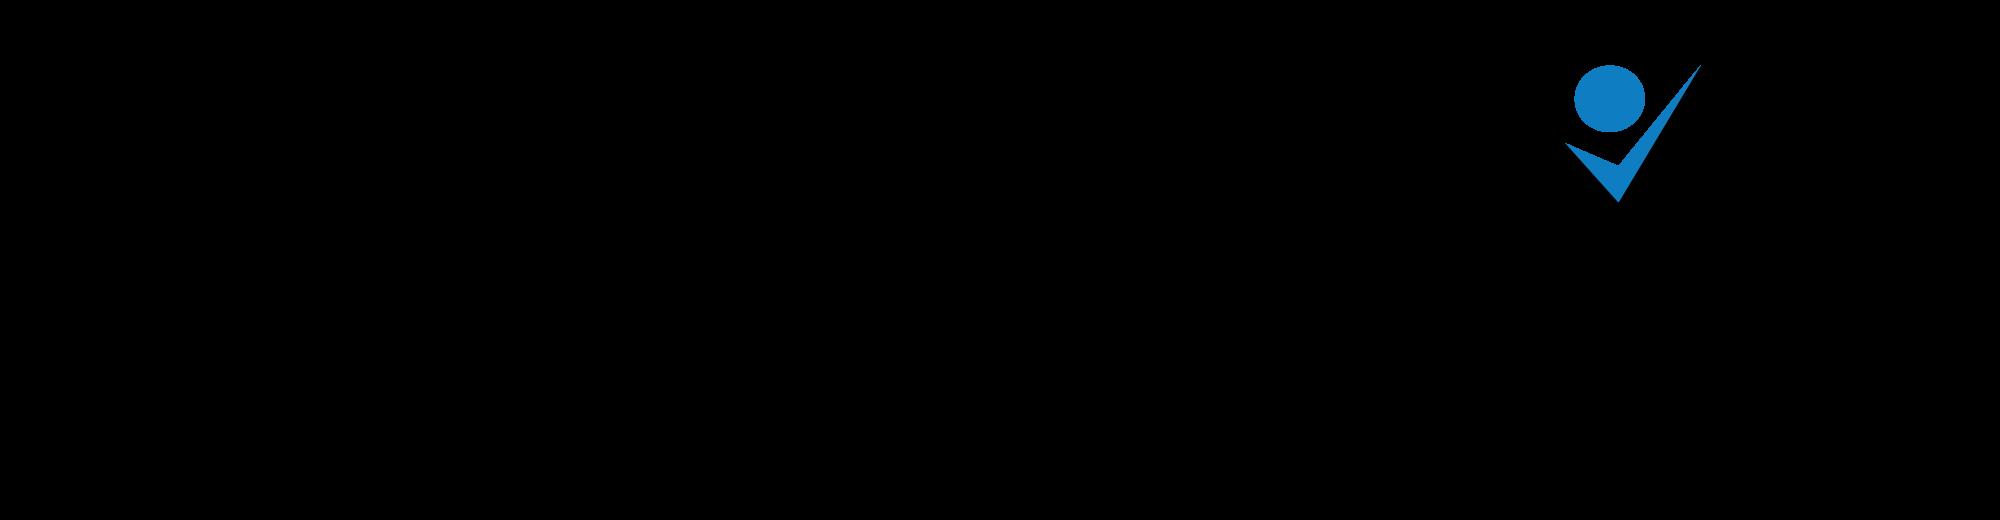 Reflexis logo